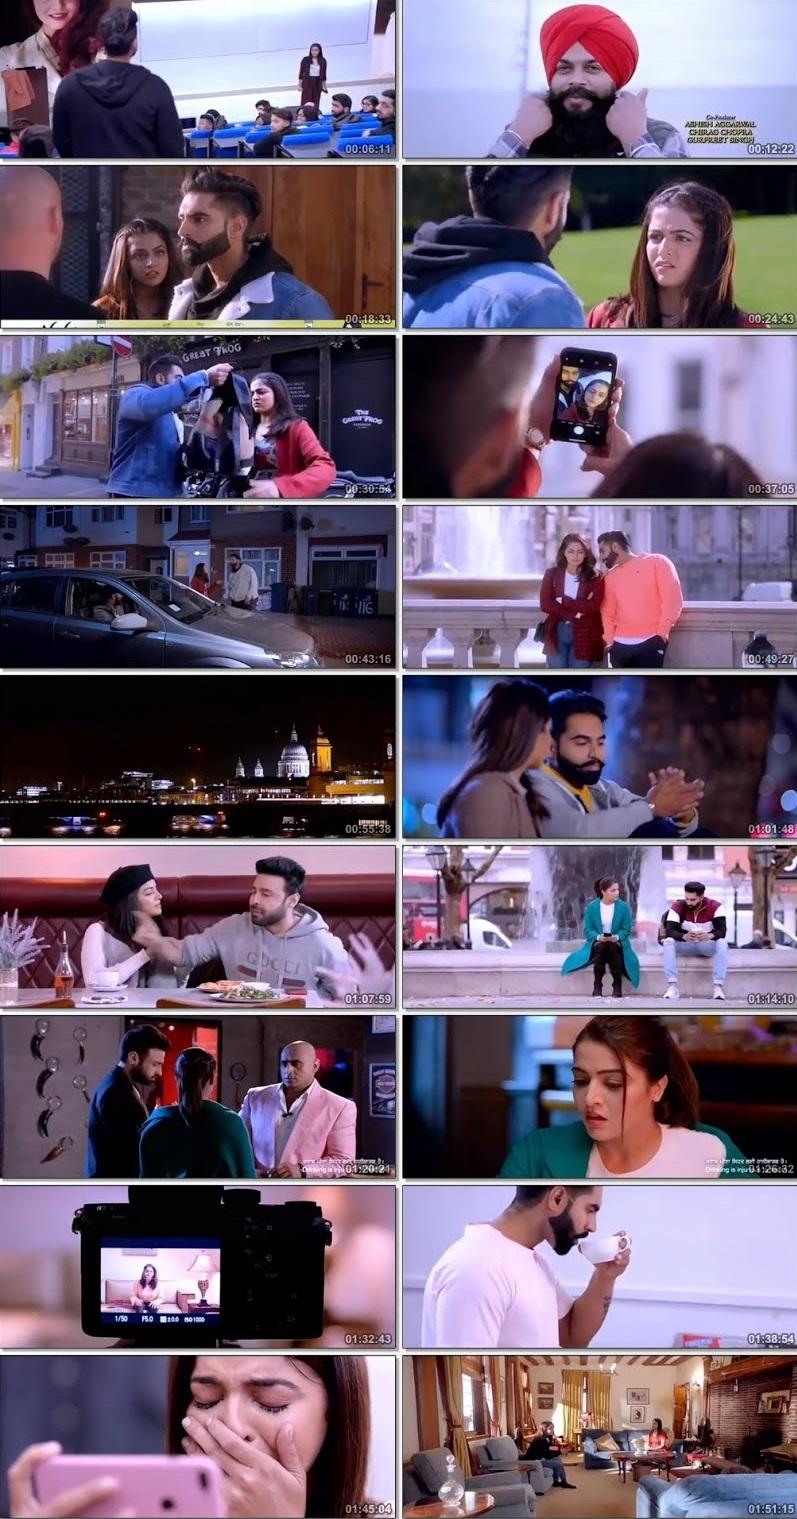 Dil%2BDiyan%2BGallan%2Bscr Dil Diyan Gallan 2019 Full Movie Free Download HD WorldFree4u.Com